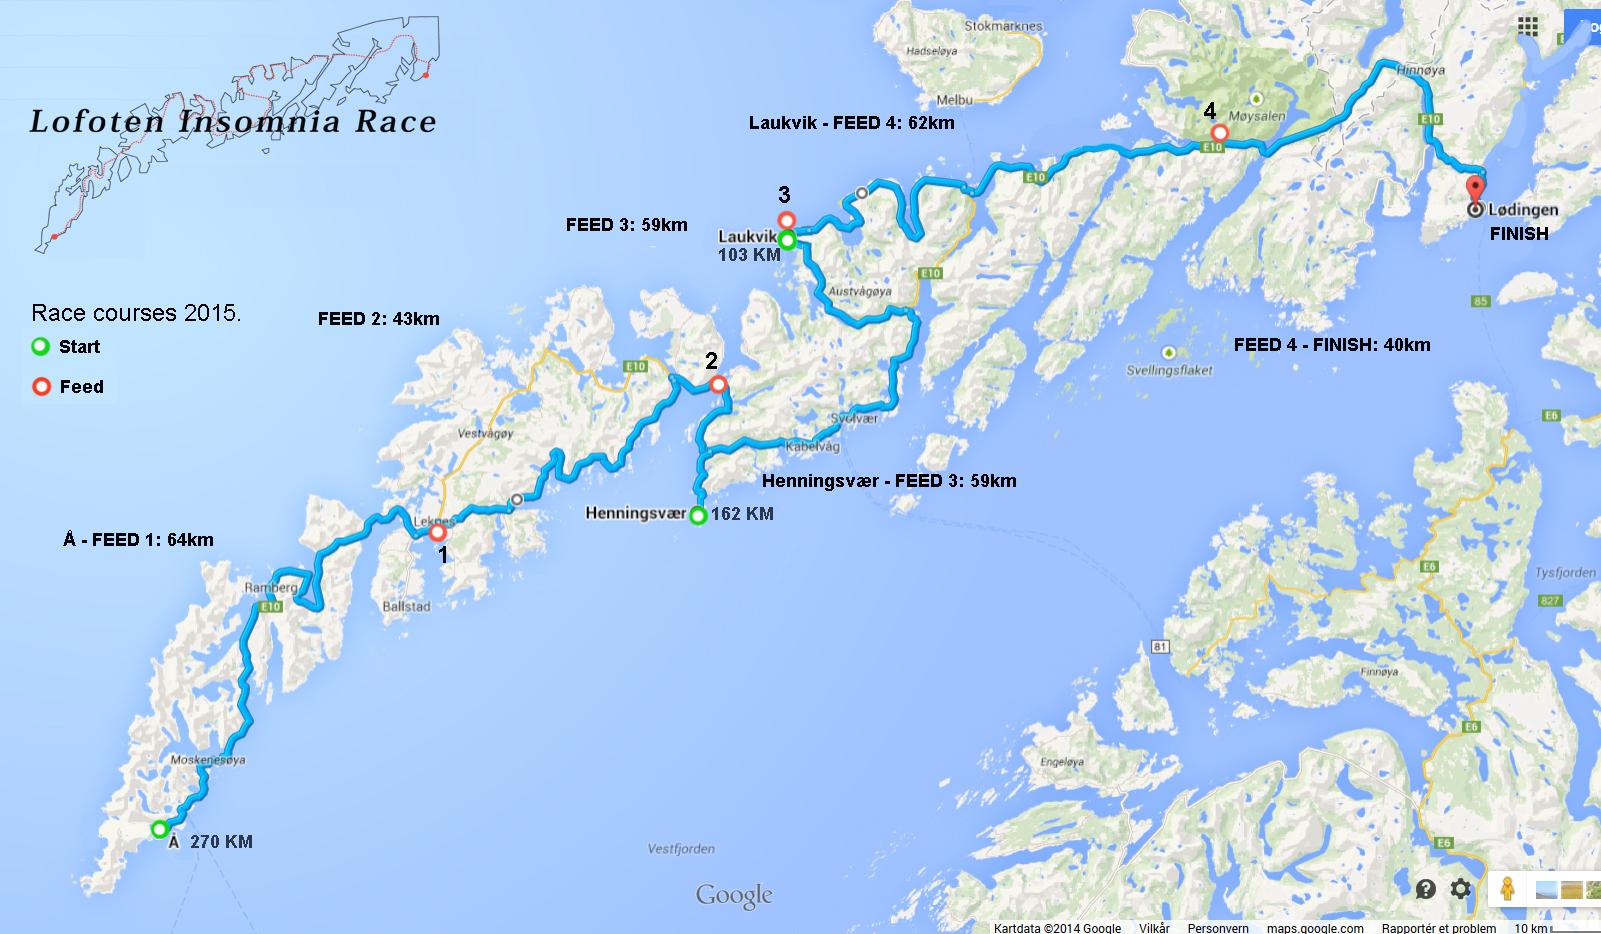 laukvik i lofoten kart Rekordpåmelding til Lofoten Insomnia   nattsykling i nye løyper  laukvik i lofoten kart